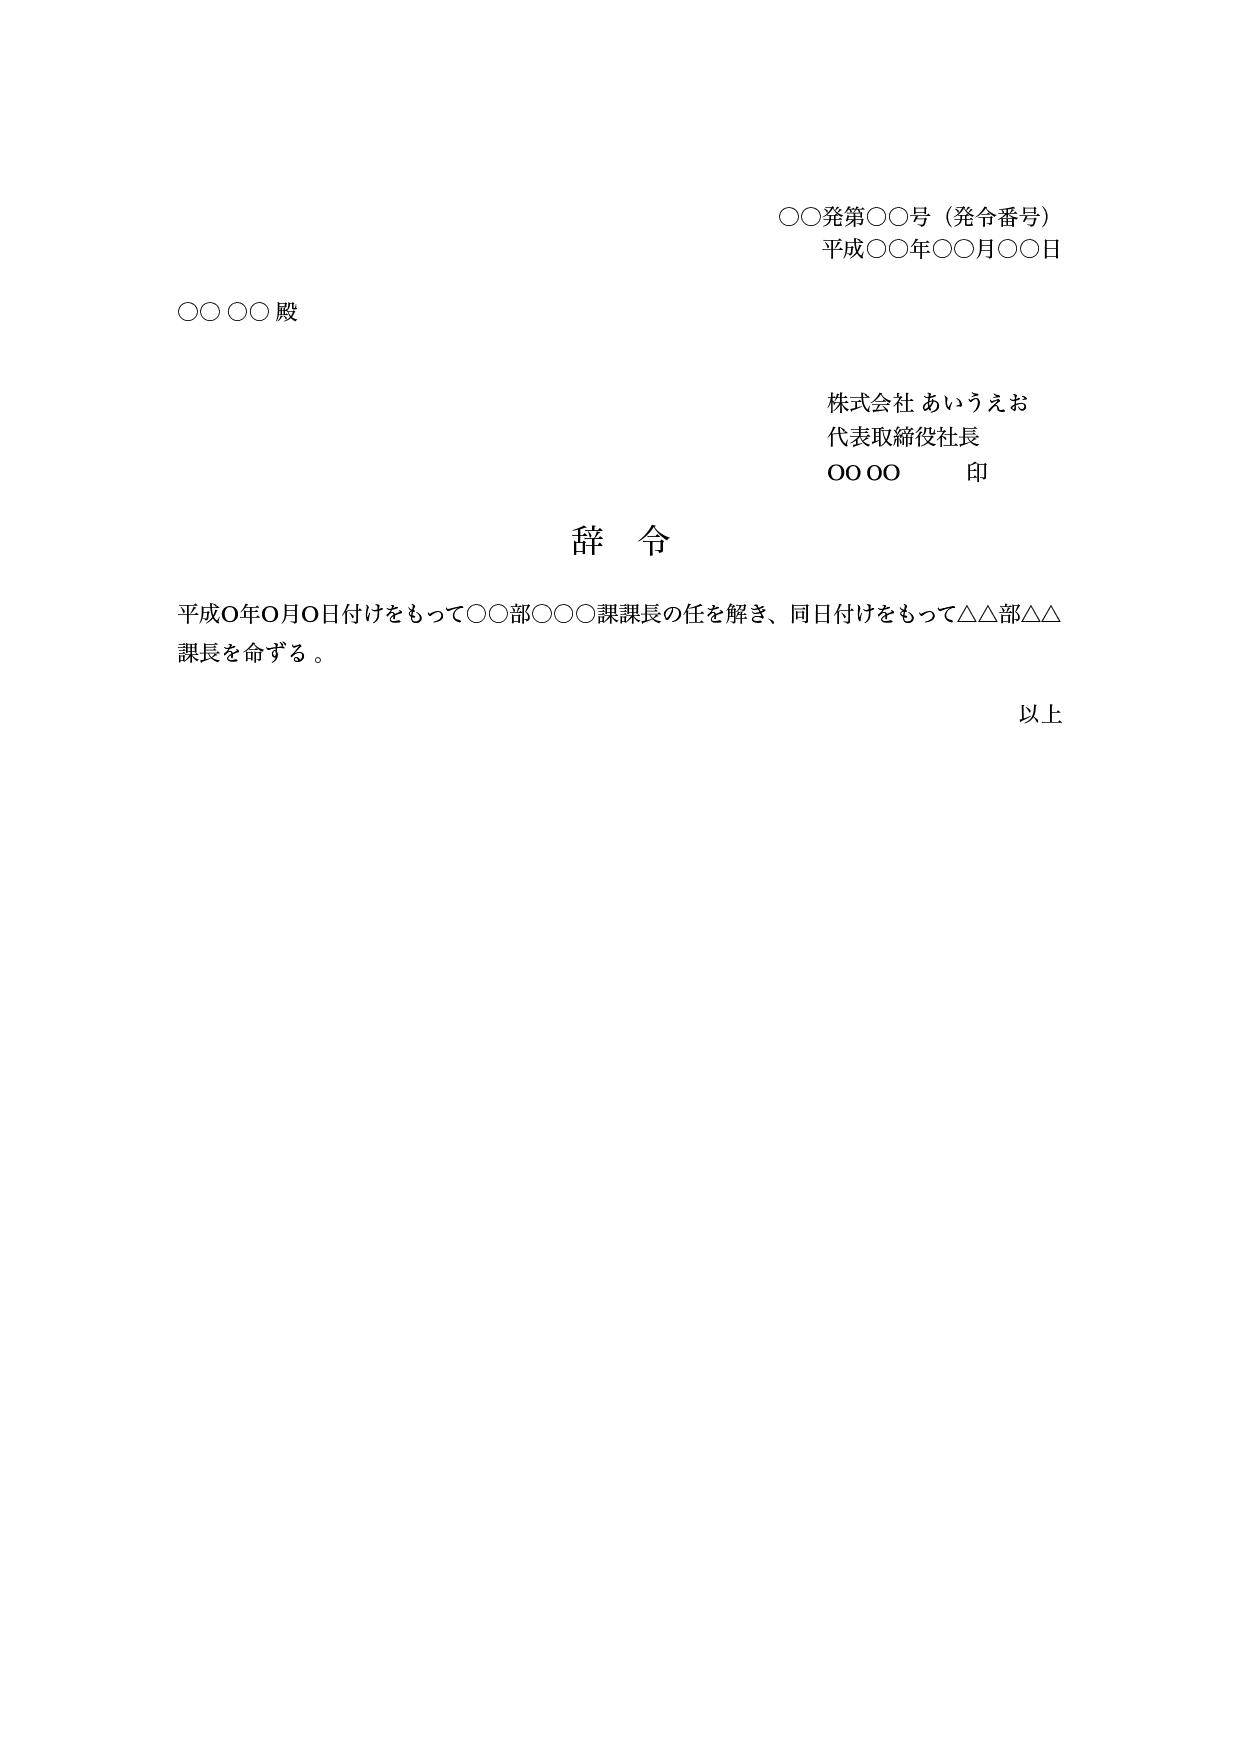 辞令の書式テンプレート『交付・発令』(ワード・ページズ)